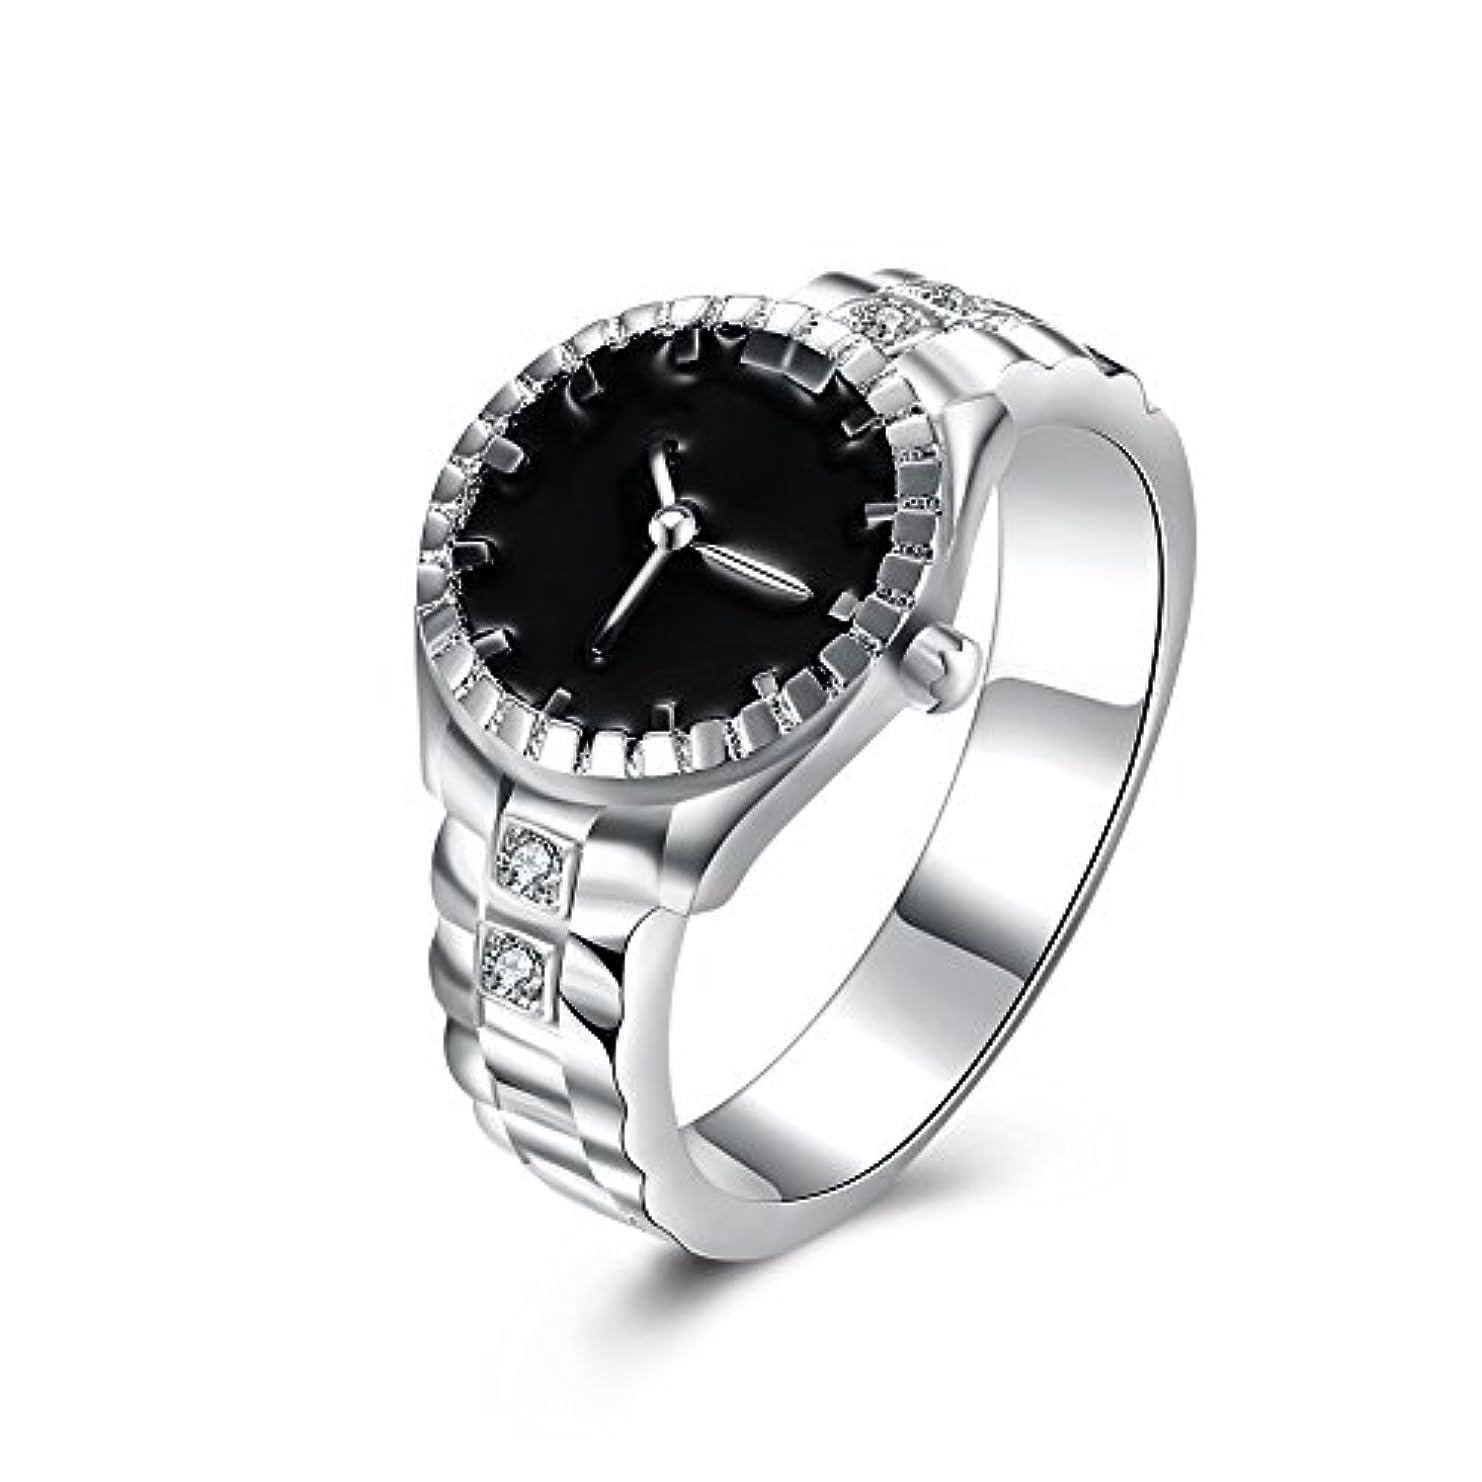 なんでも森異常な925スターリングシルバーメッキ時計型ダイヤモンドリングファッションジュエリー周年記念ギフト (マルチカラー)